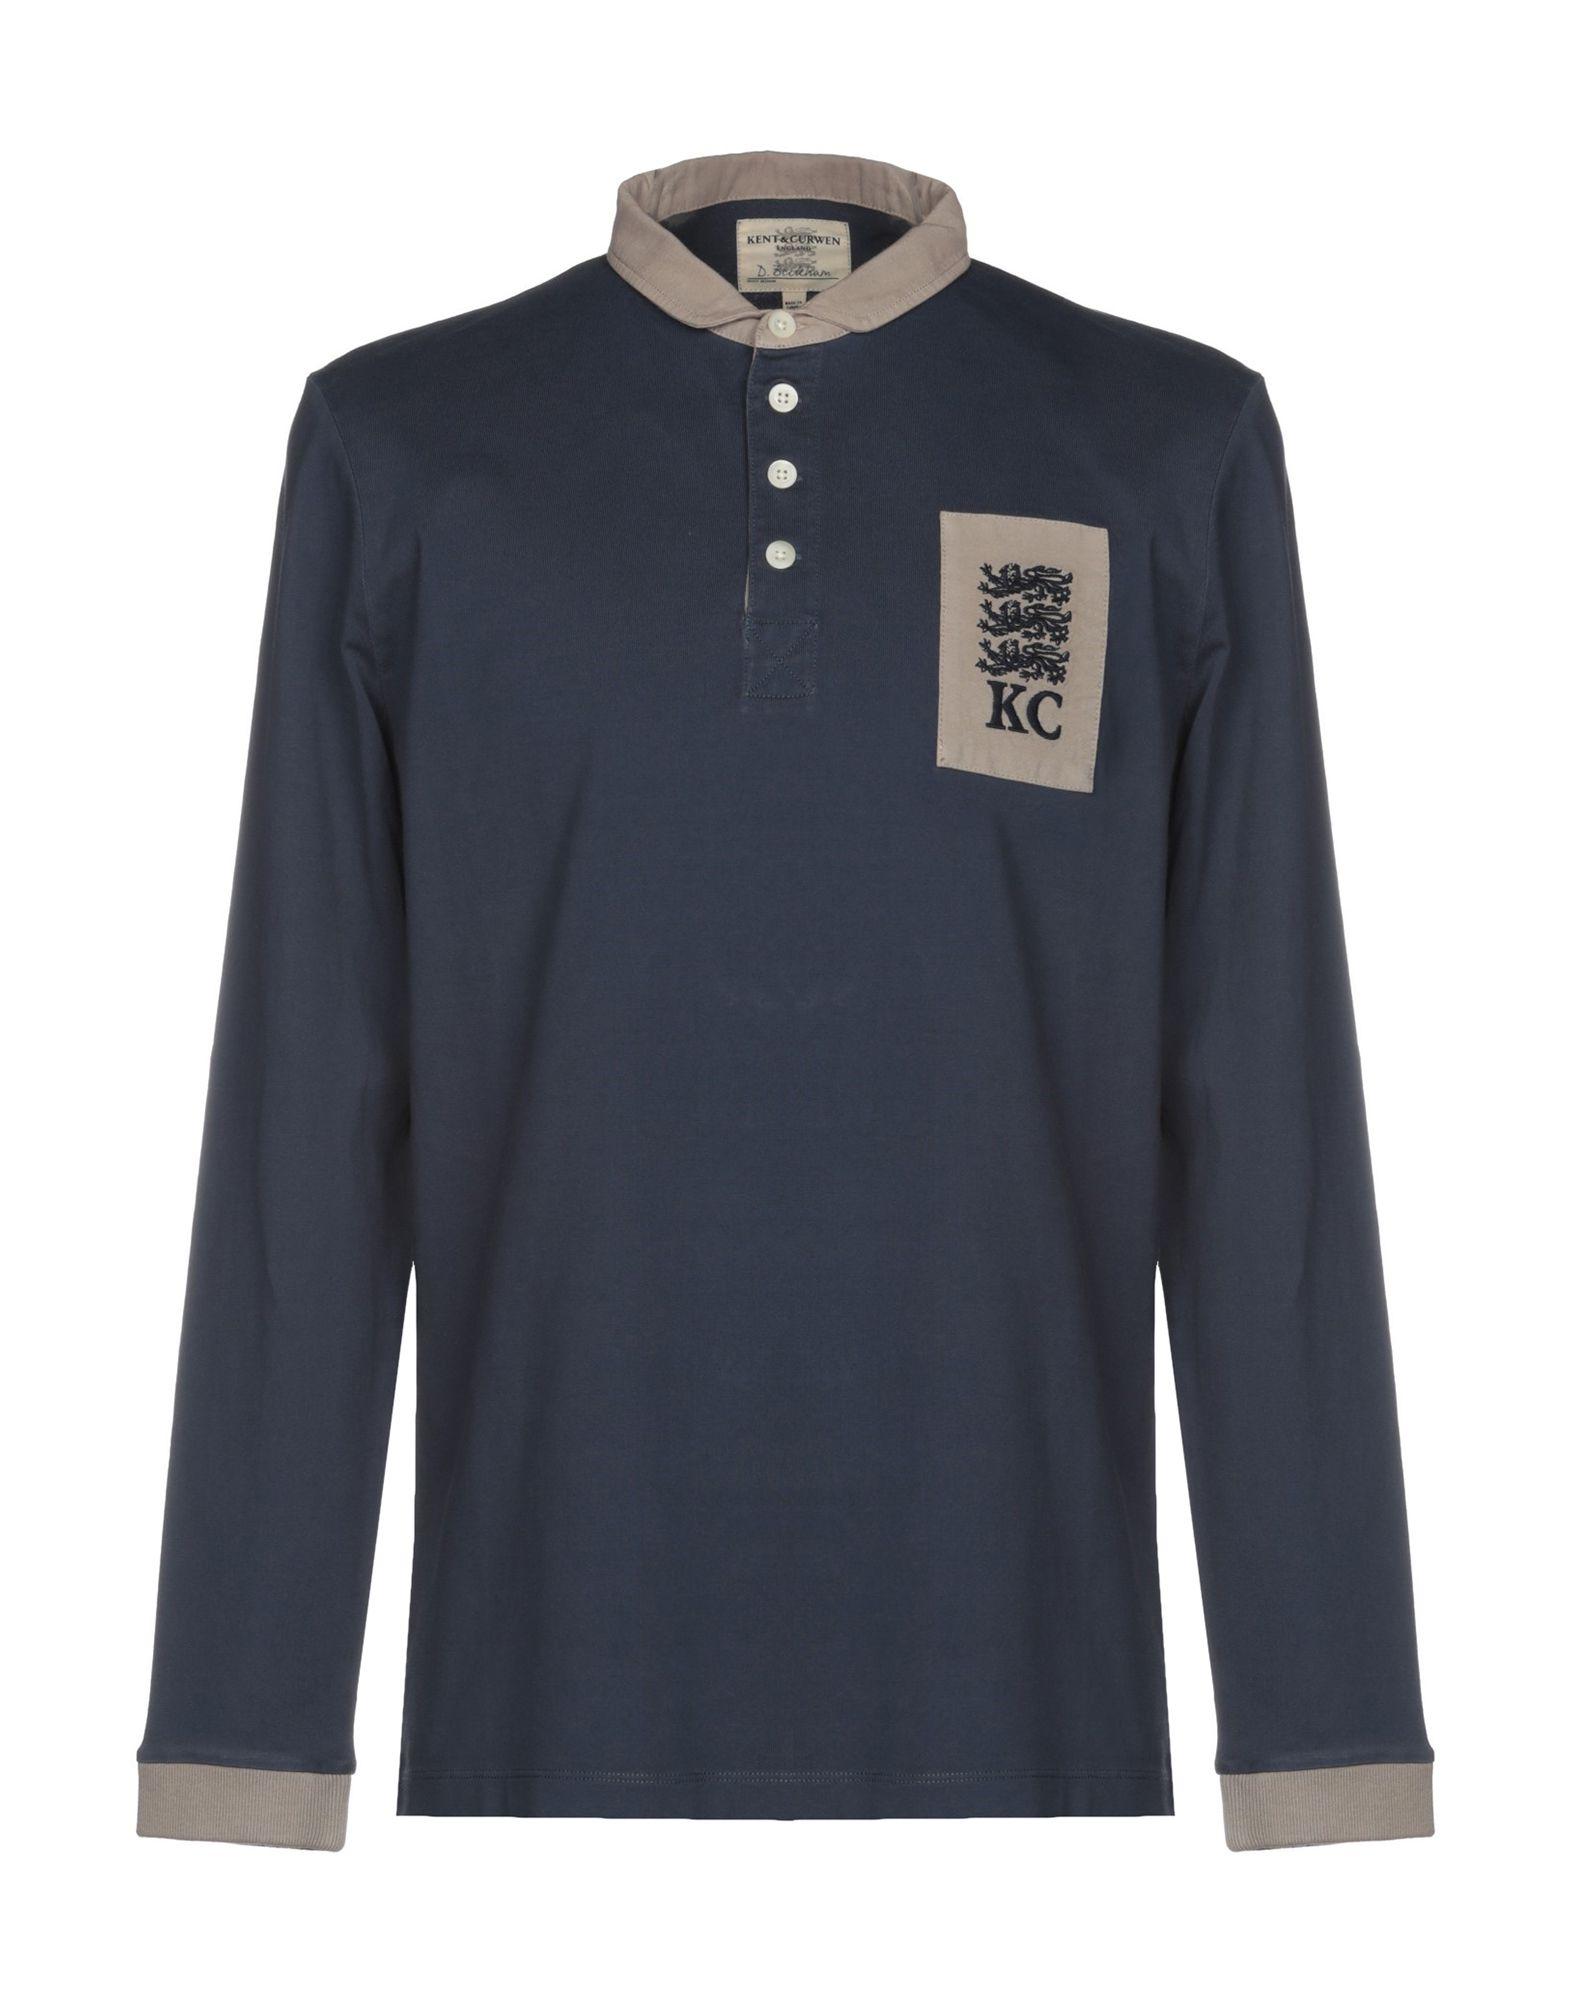 《送料無料》KENT & CURWEN メンズ ポロシャツ ダークブルー M コットン 100%